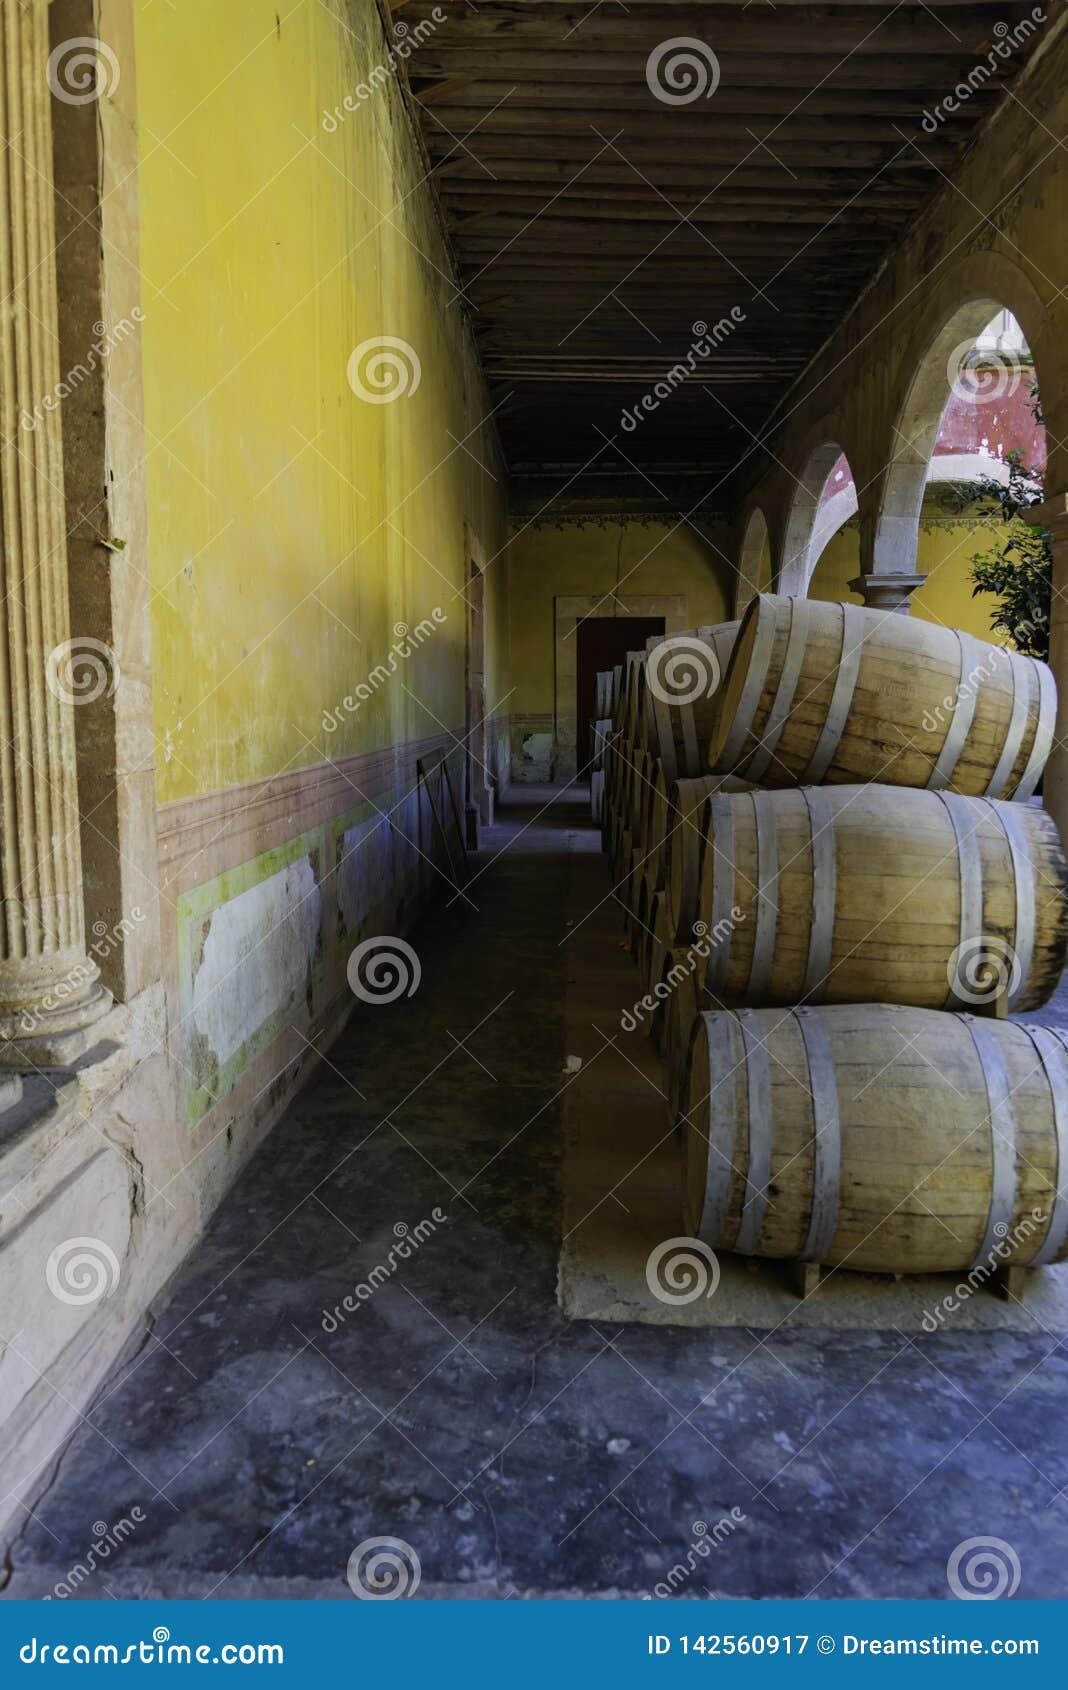 Stapel mezcal vaten op gele muur